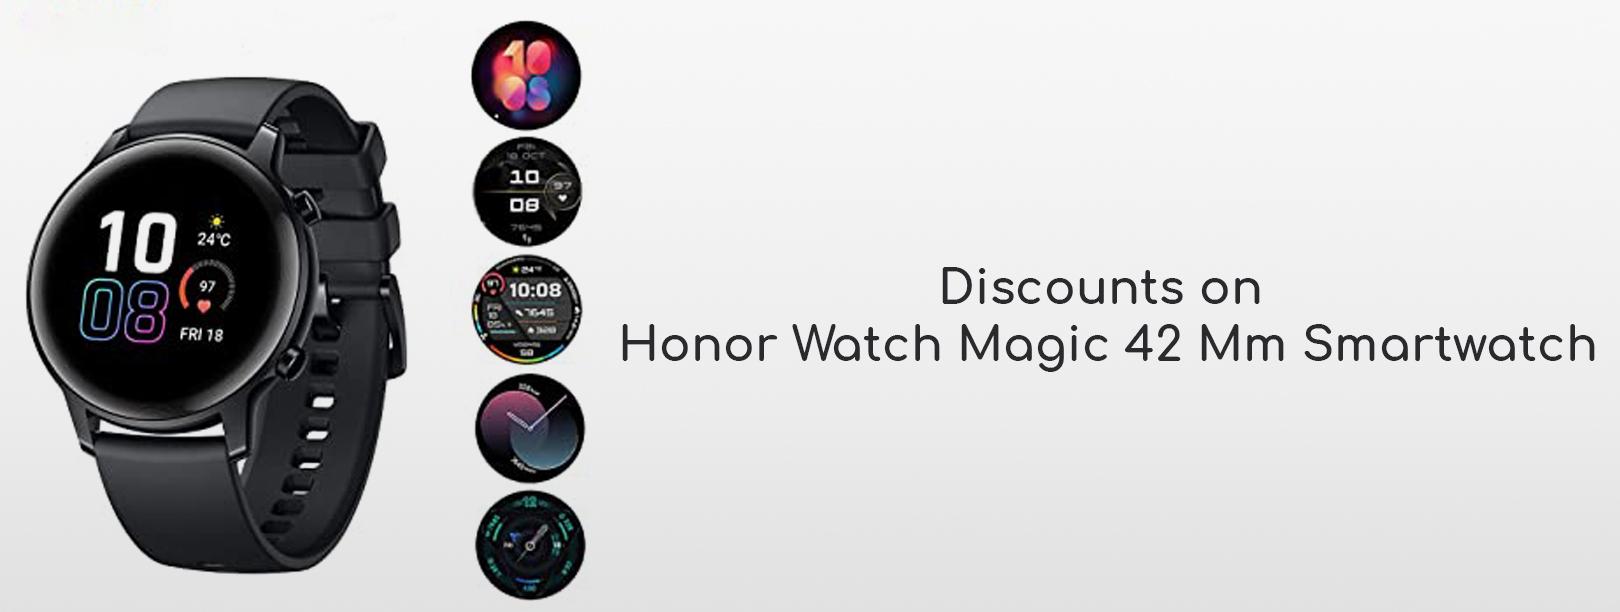 Flipkart Honor Watch Magic 42 Mm Smartwatch